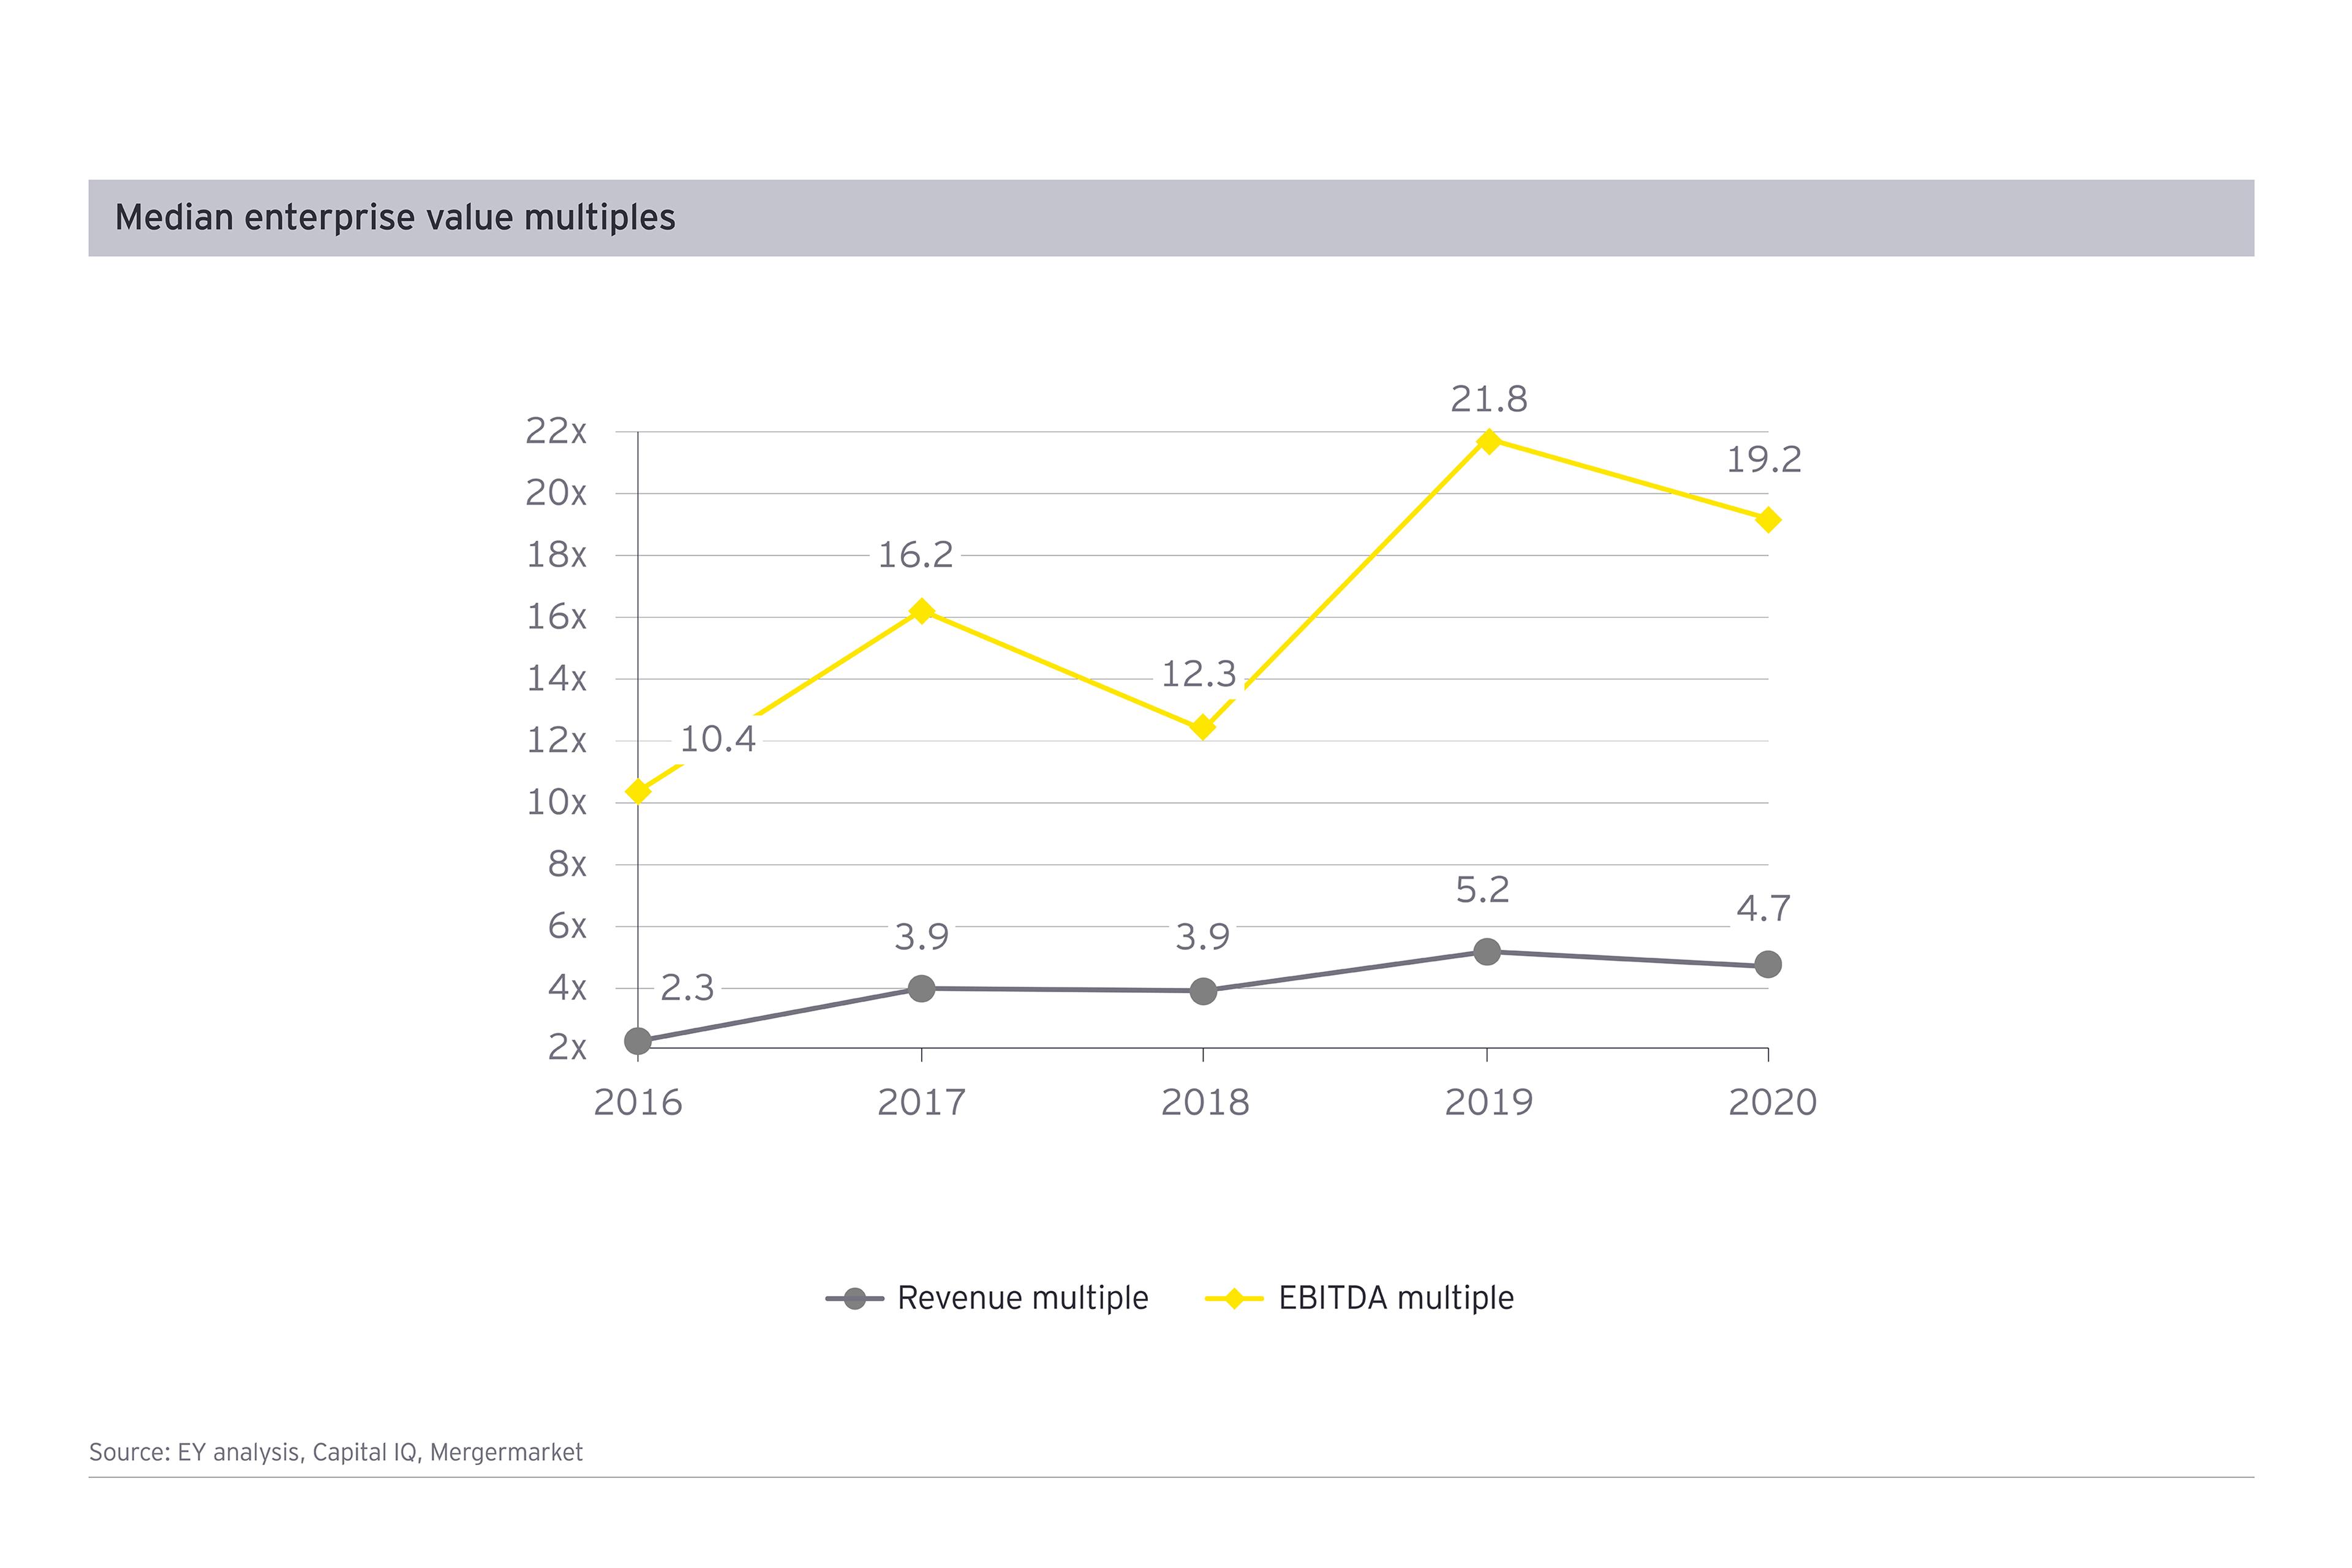 Median enterprise value multiples – Payments, Q2 2020